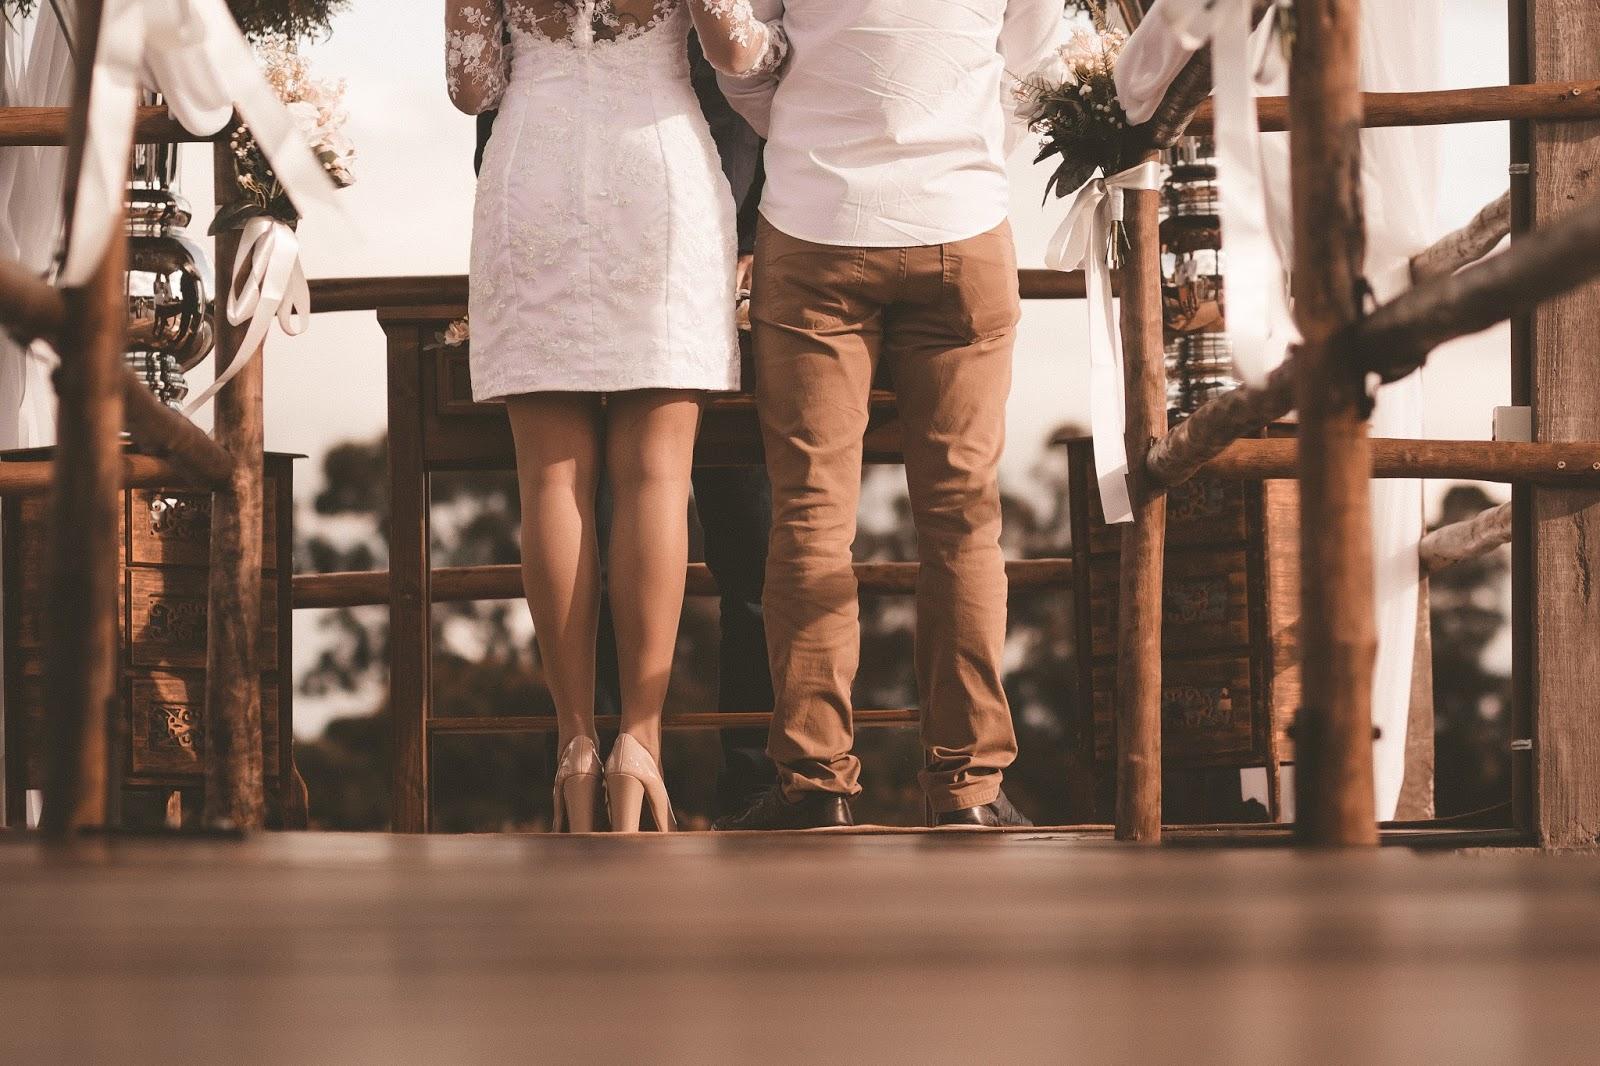 Registro De Matrimonio Catolico En Notaria : Quién dijo boda